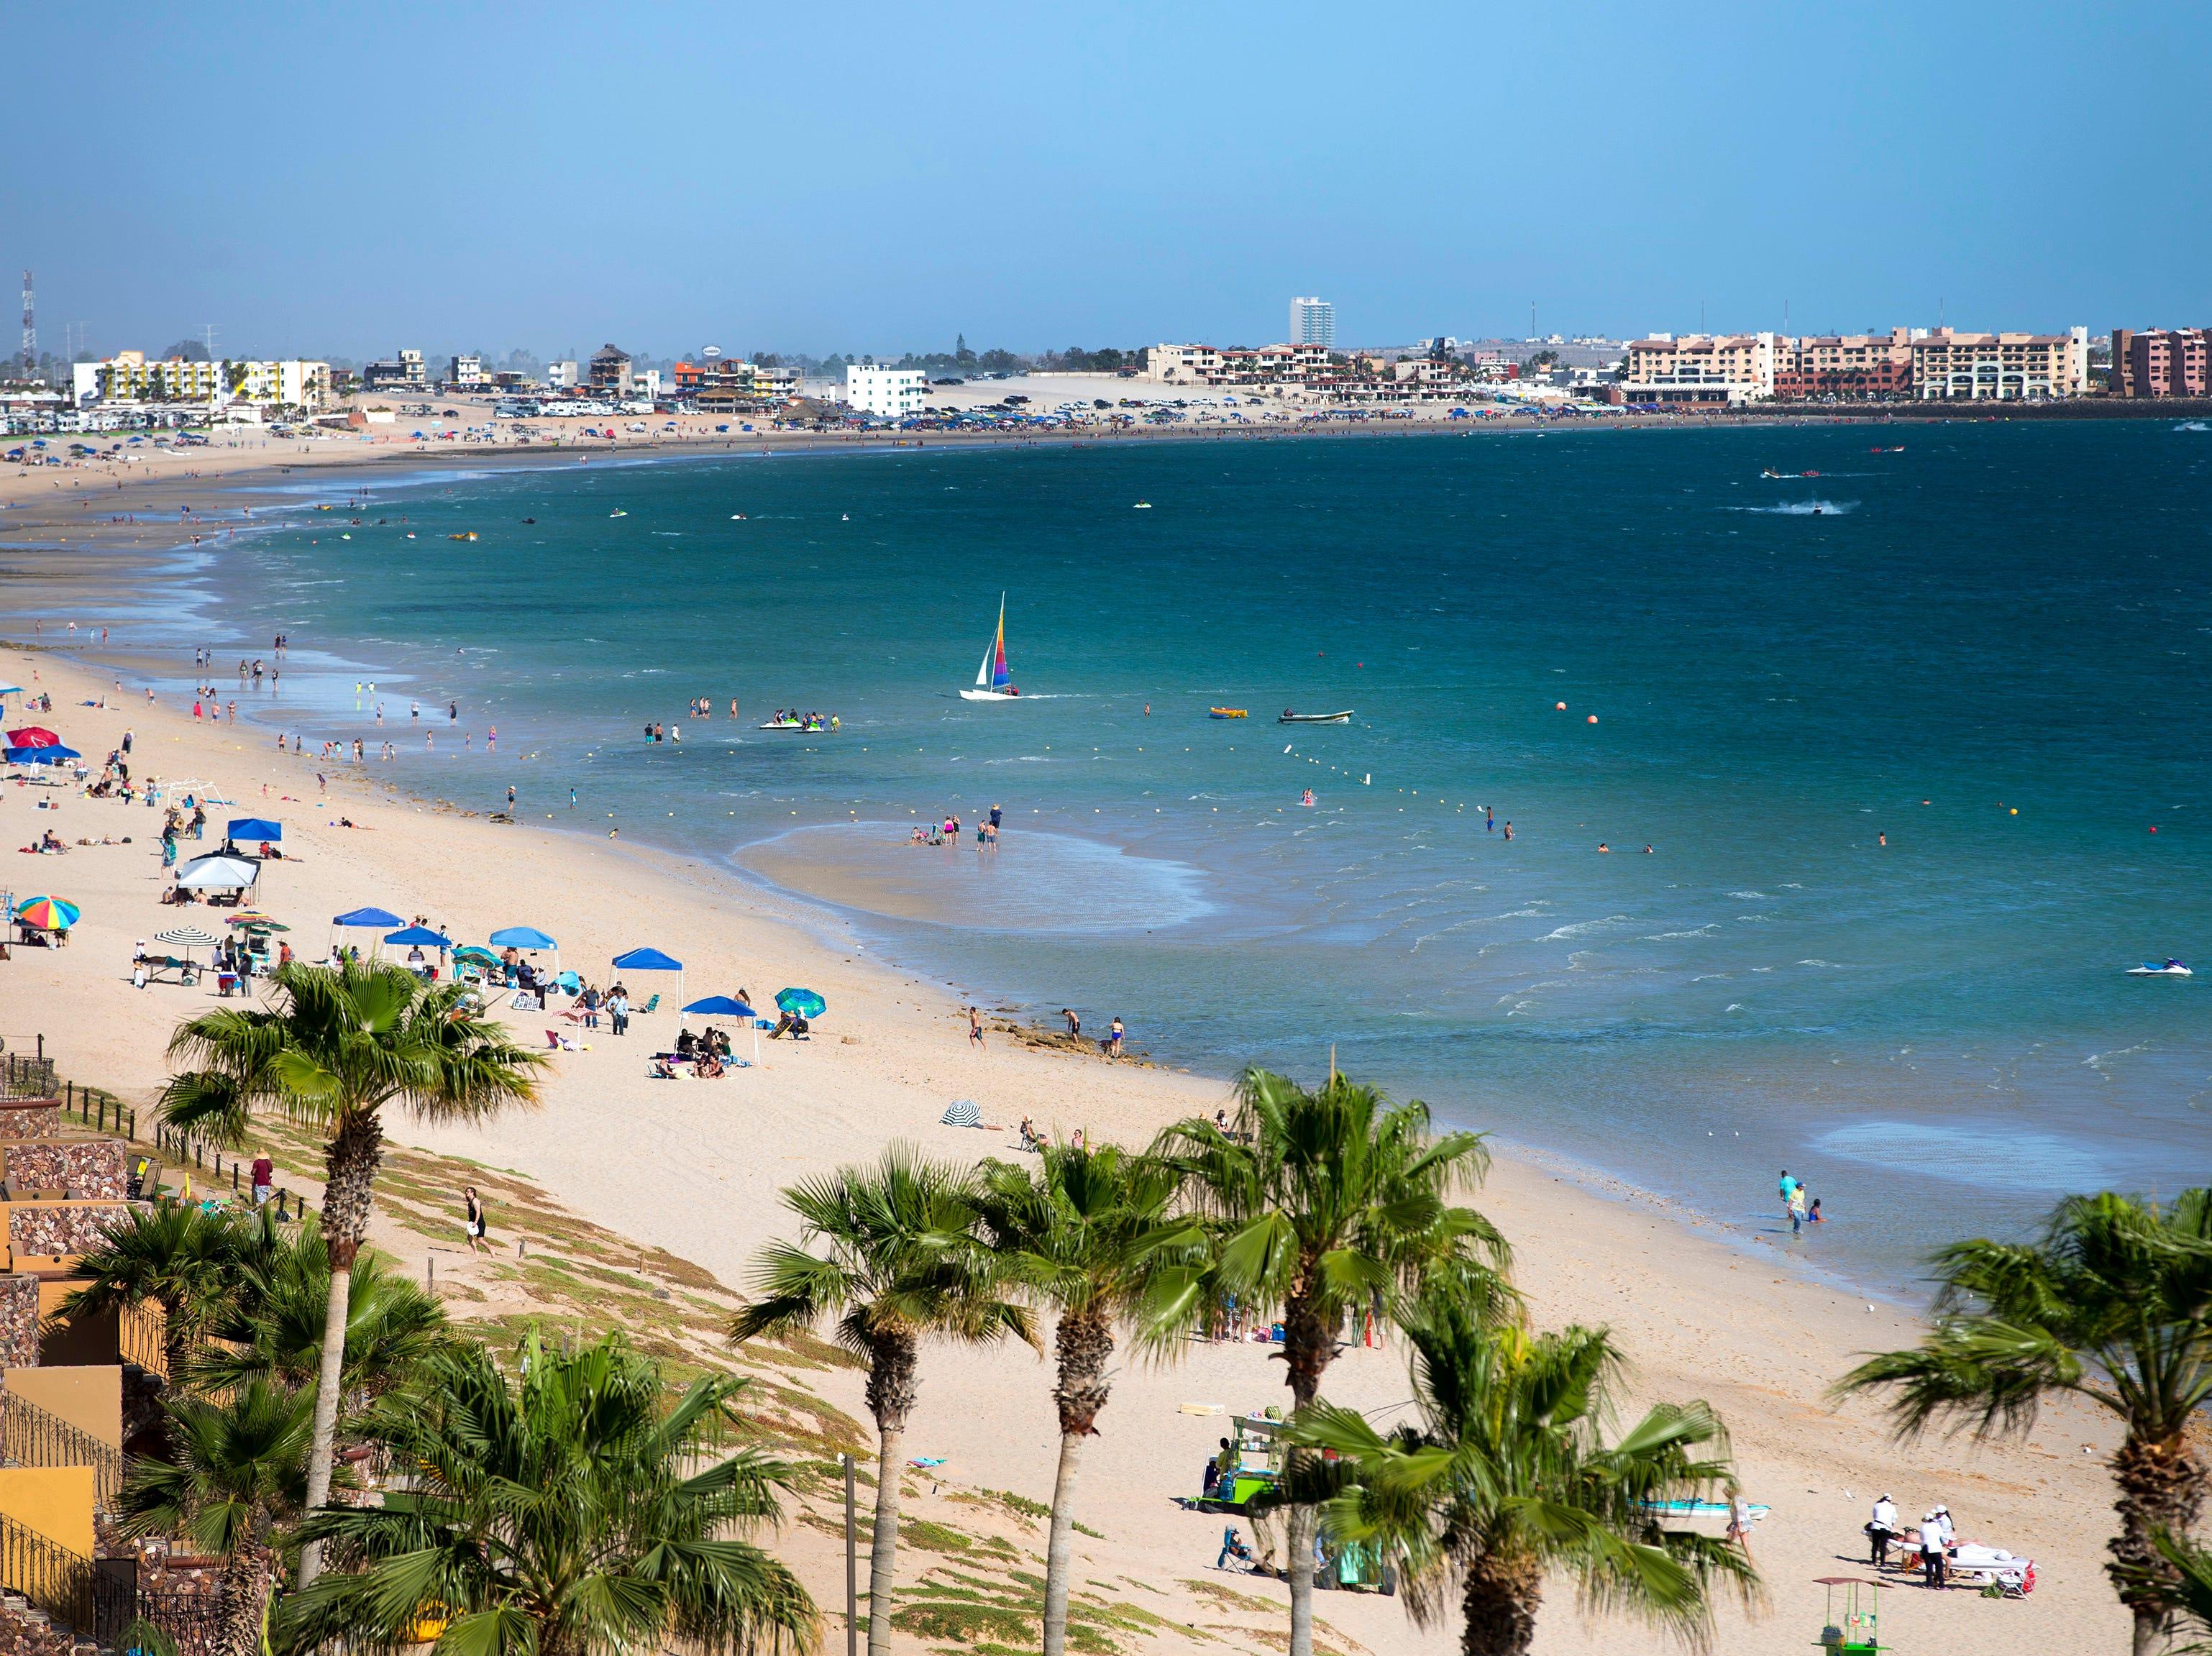 Visitors enjoy a Saturday on Sandy Beach in Puerto Penasco, Mexico.